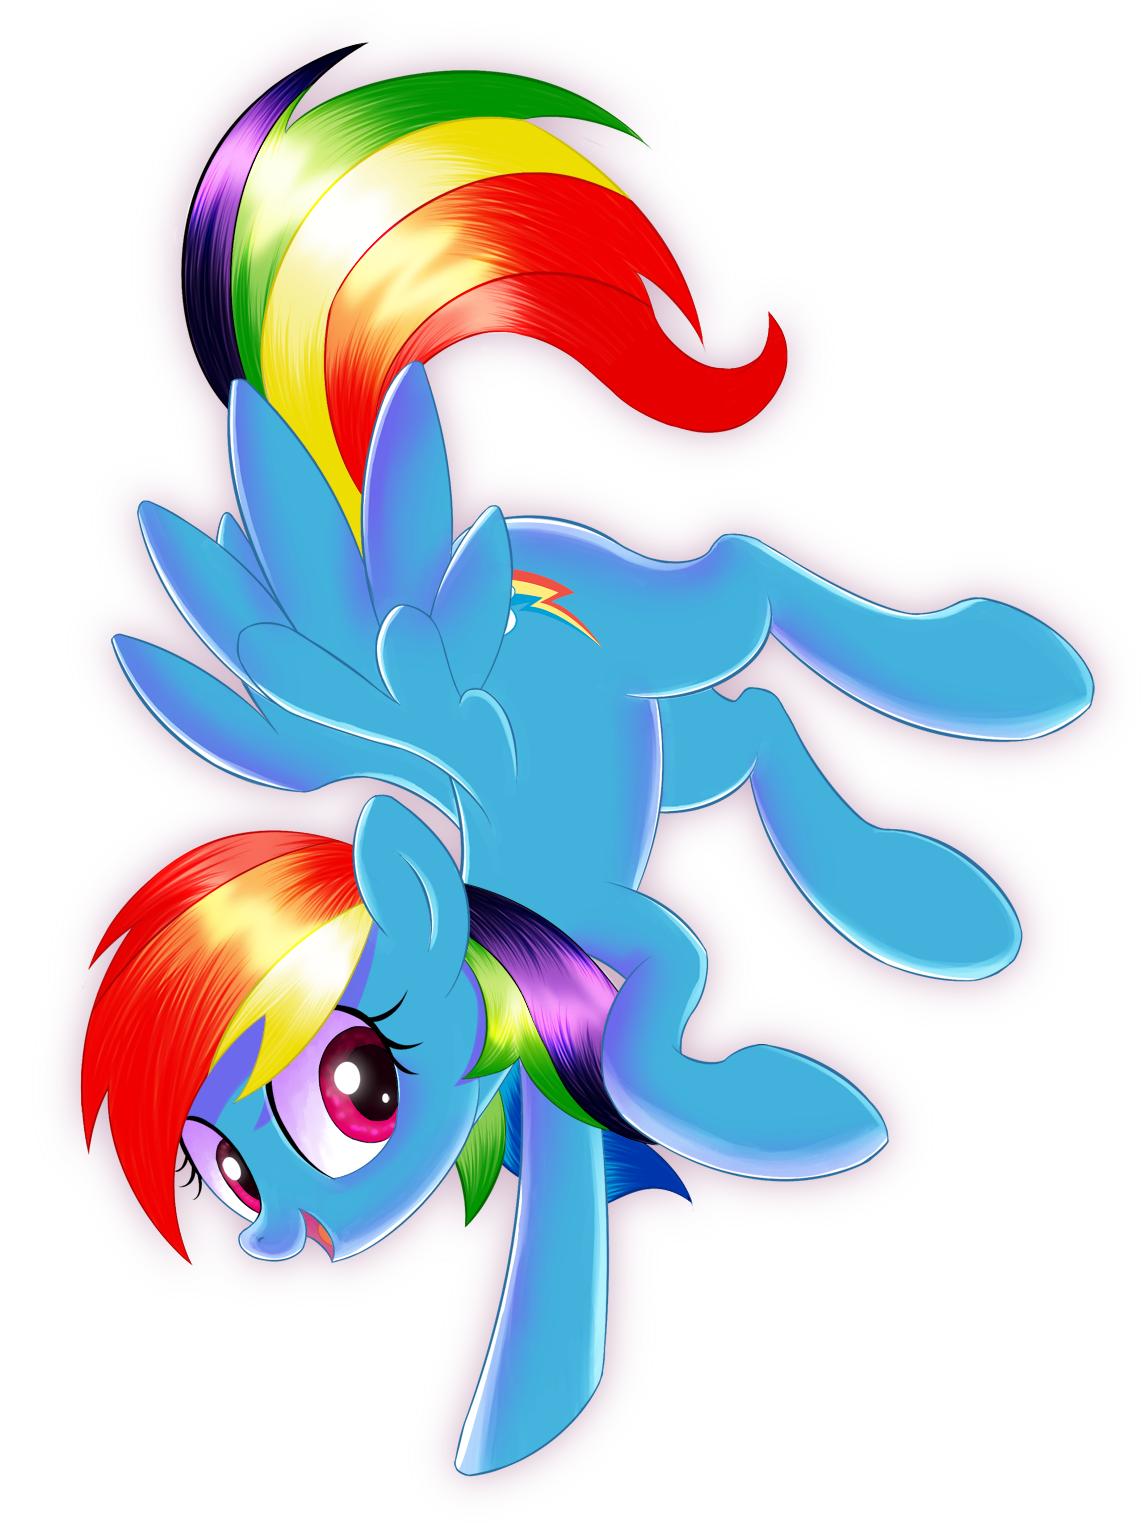 Rainbow Dash by kas92